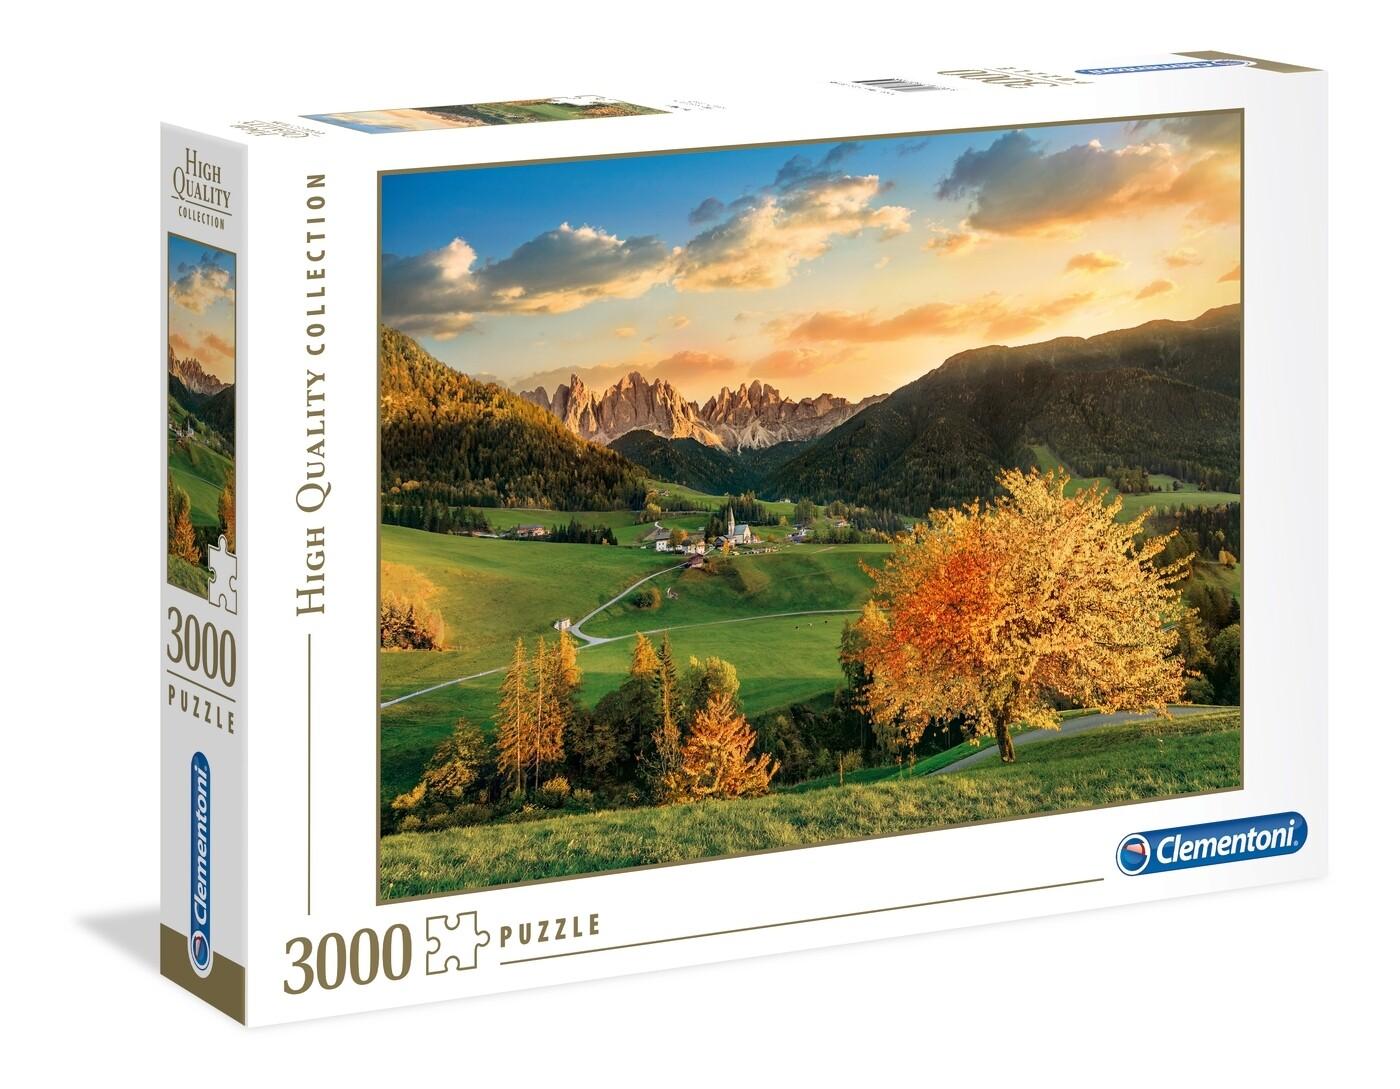 PUZZLE 3000 HQ The Alps - CLEMENTONI